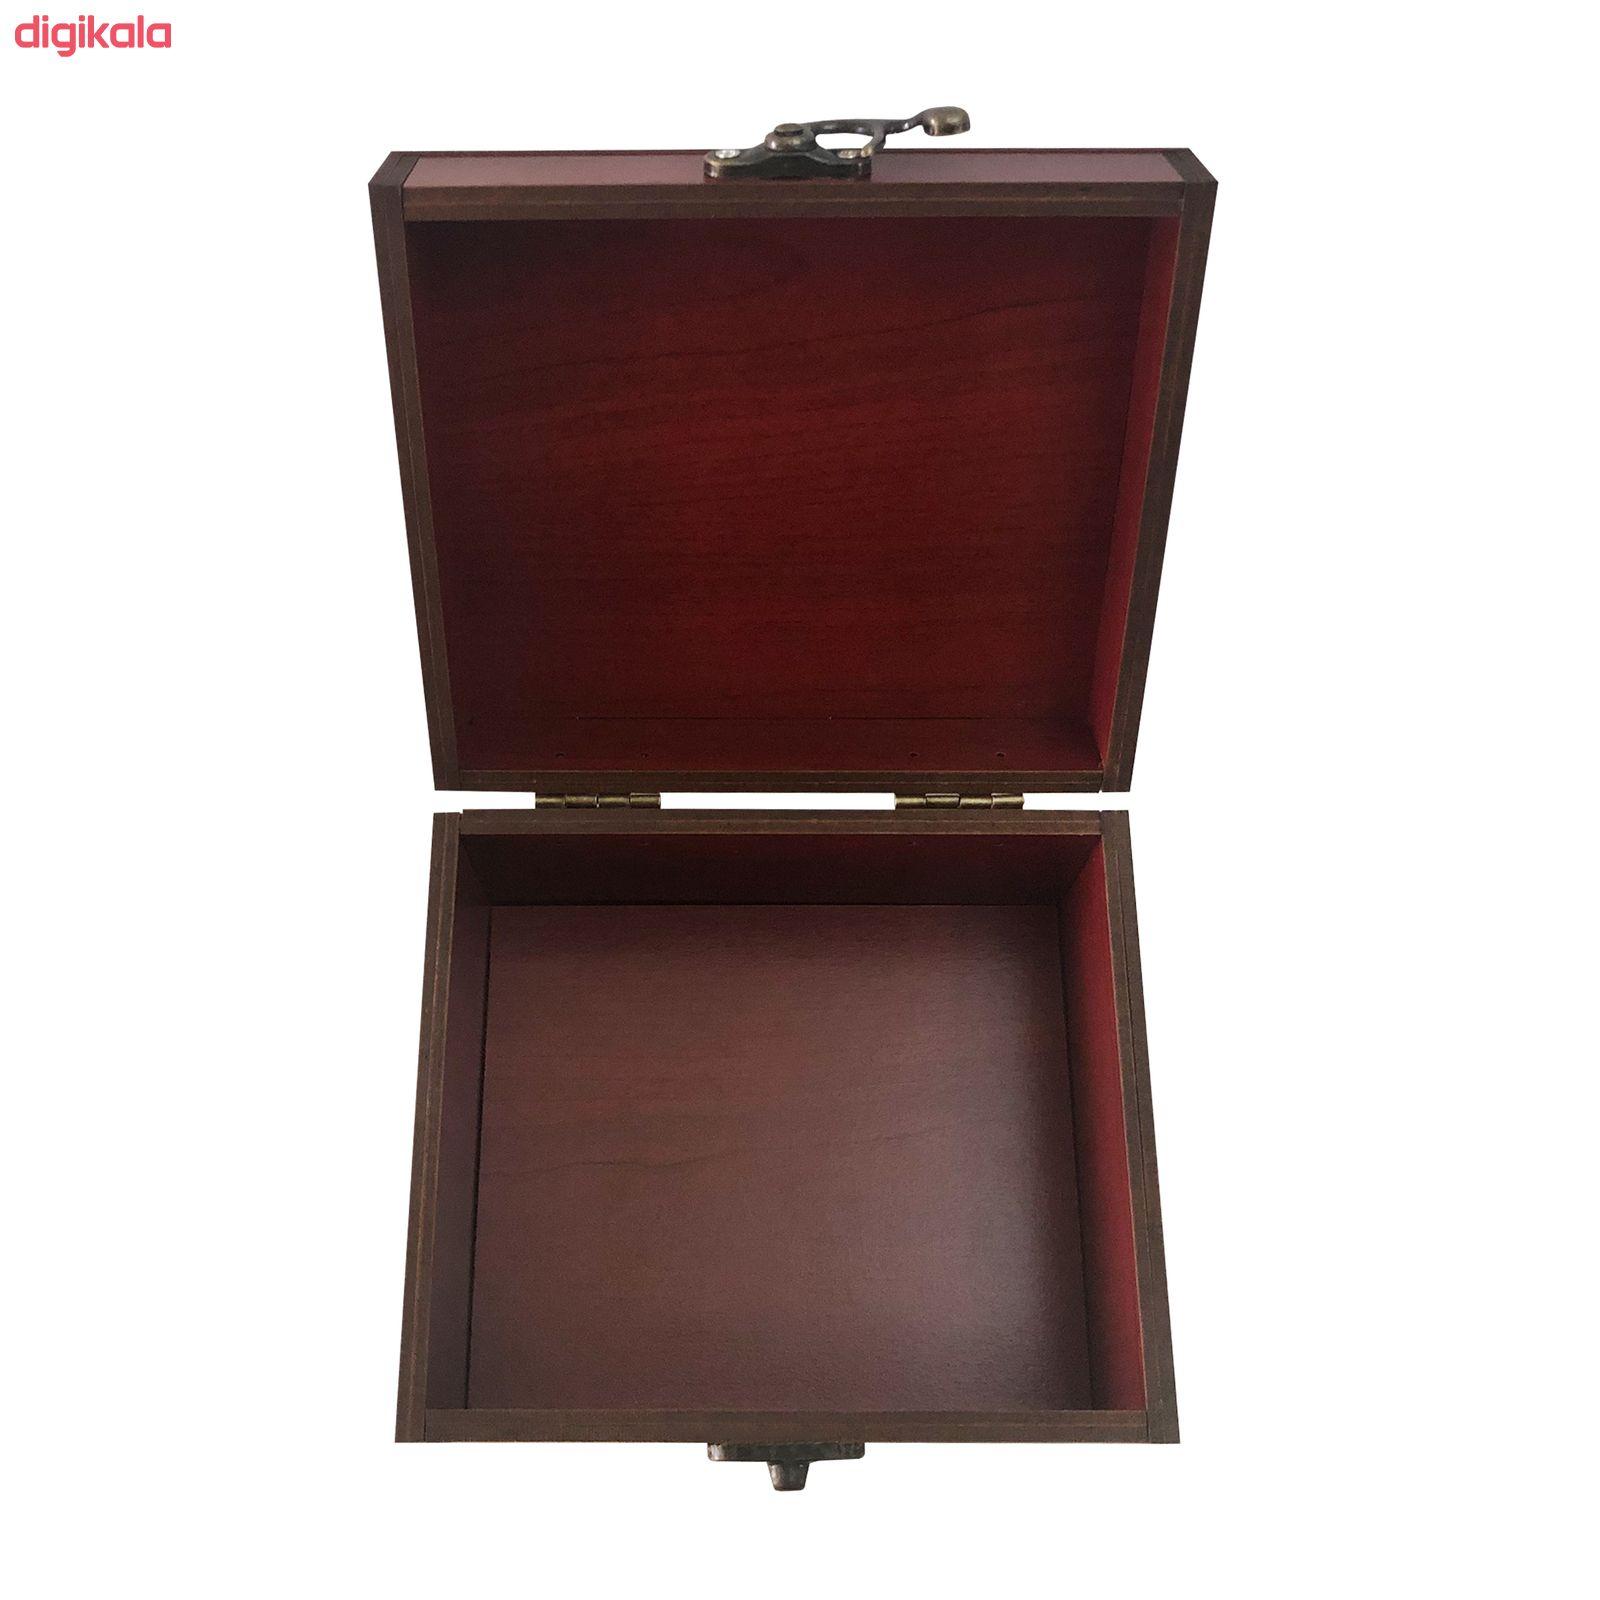 جعبه هدیه چوبی مدل j67 main 1 6